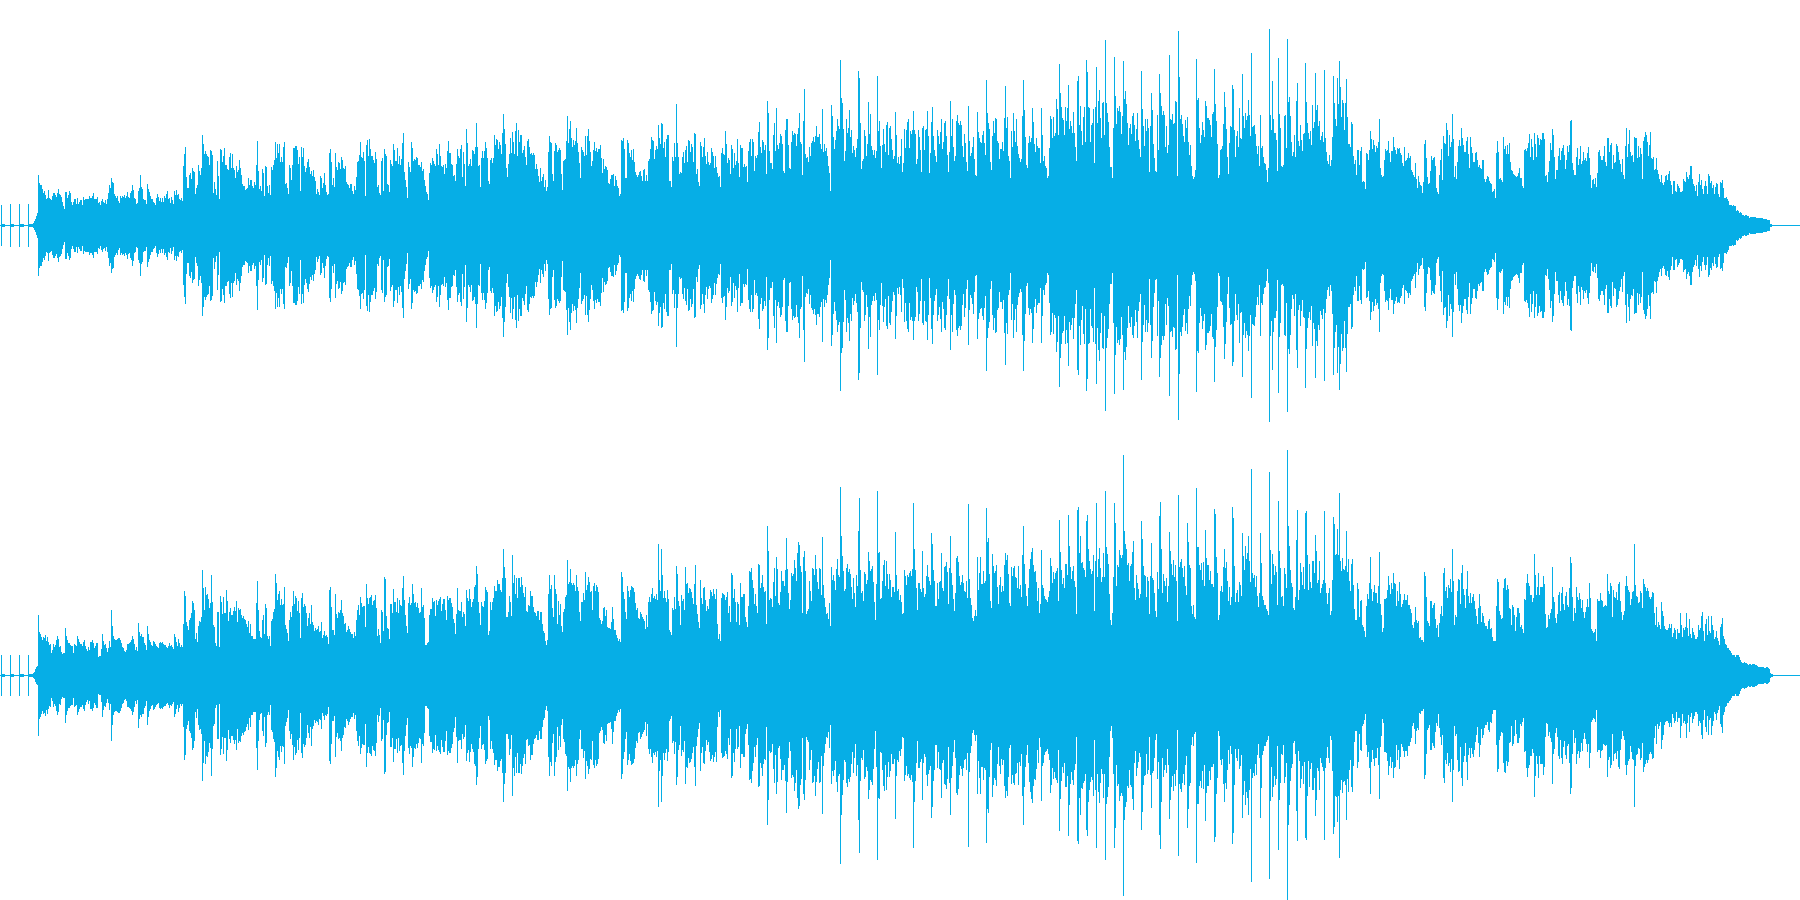 アンニュイなギタースローバラードです。の再生済みの波形